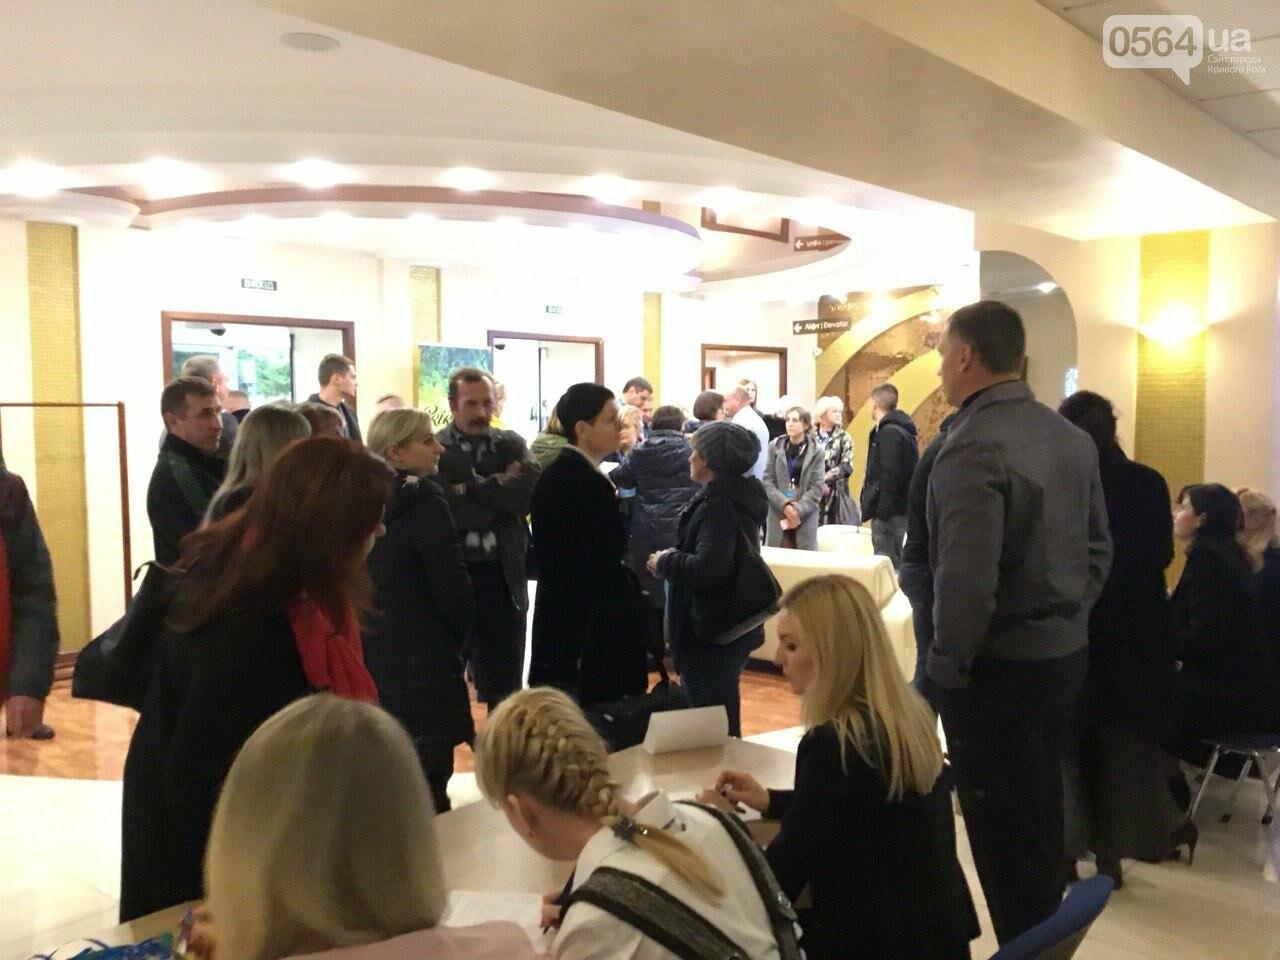 Жители Широковского района пытались попасть на выездное заседание эко - Комитета Рады в Кривом Роге, - ФОТО, ВИДЕО, фото-6